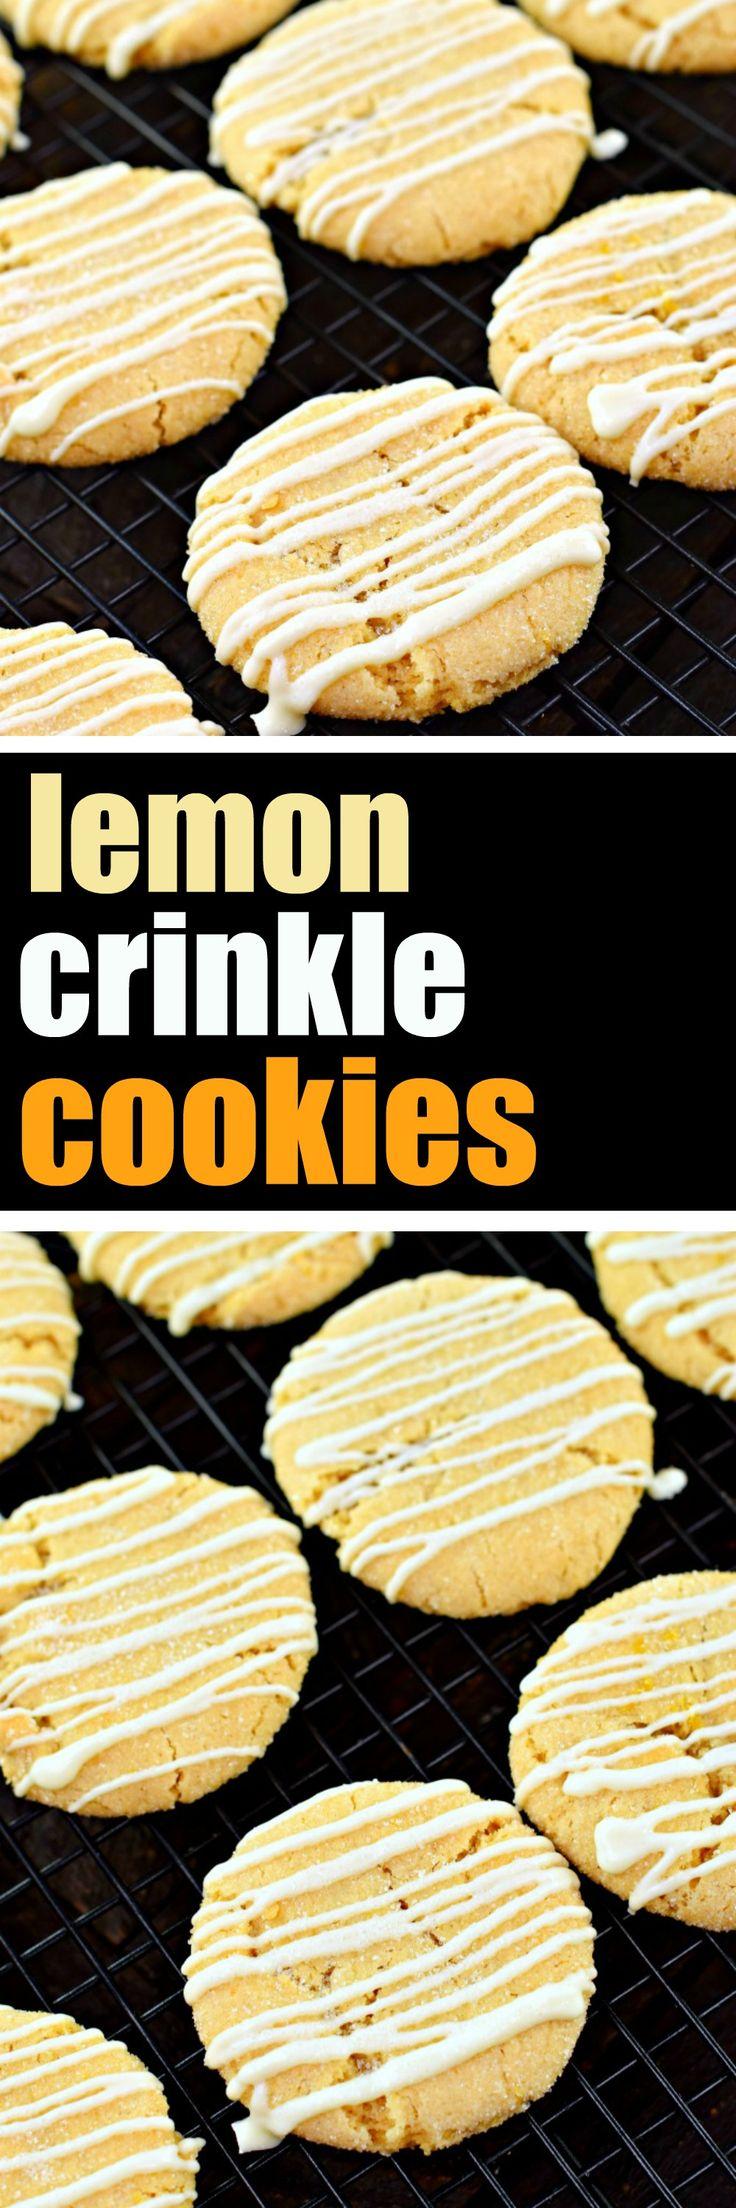 Lemon Crinkle Cookies #recipe #cookies #cookierecipe #lemoncookies #lemondessert #whitechocolate #lemondoodle